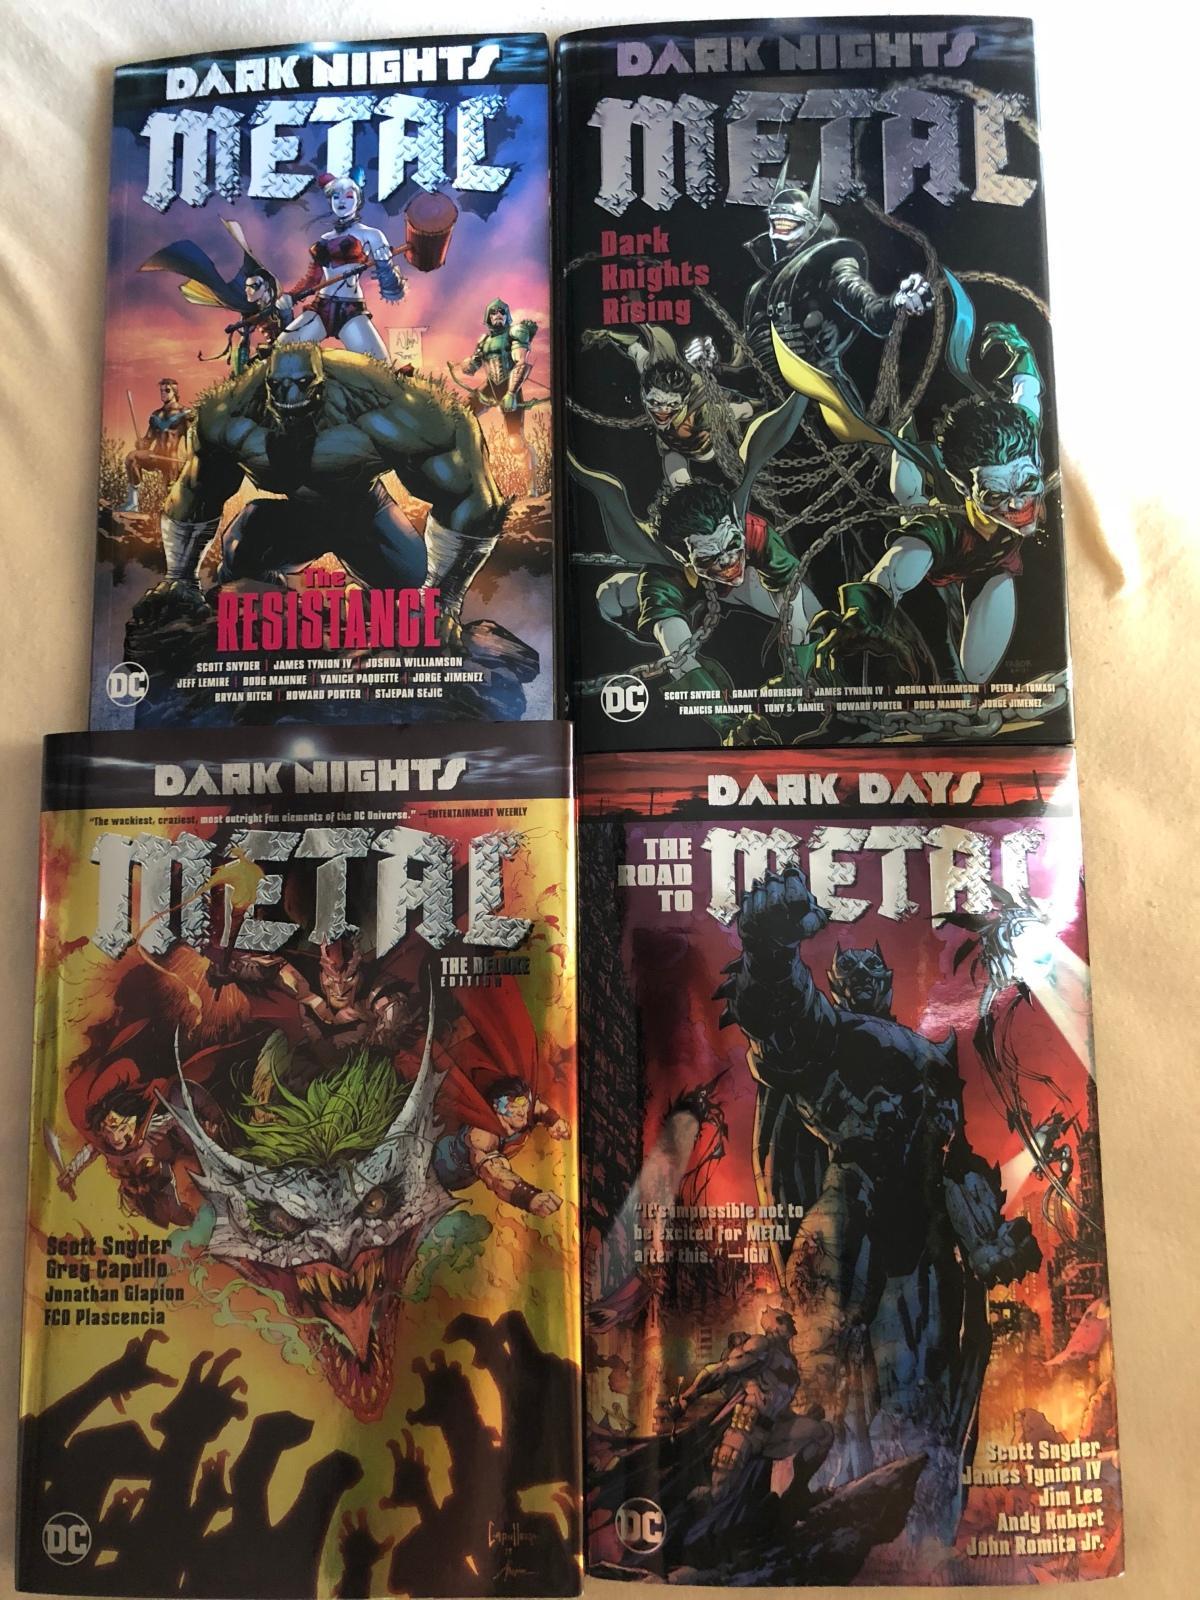 Ein Nachwort zu Dark Nights: Metal |Gedankenspiel